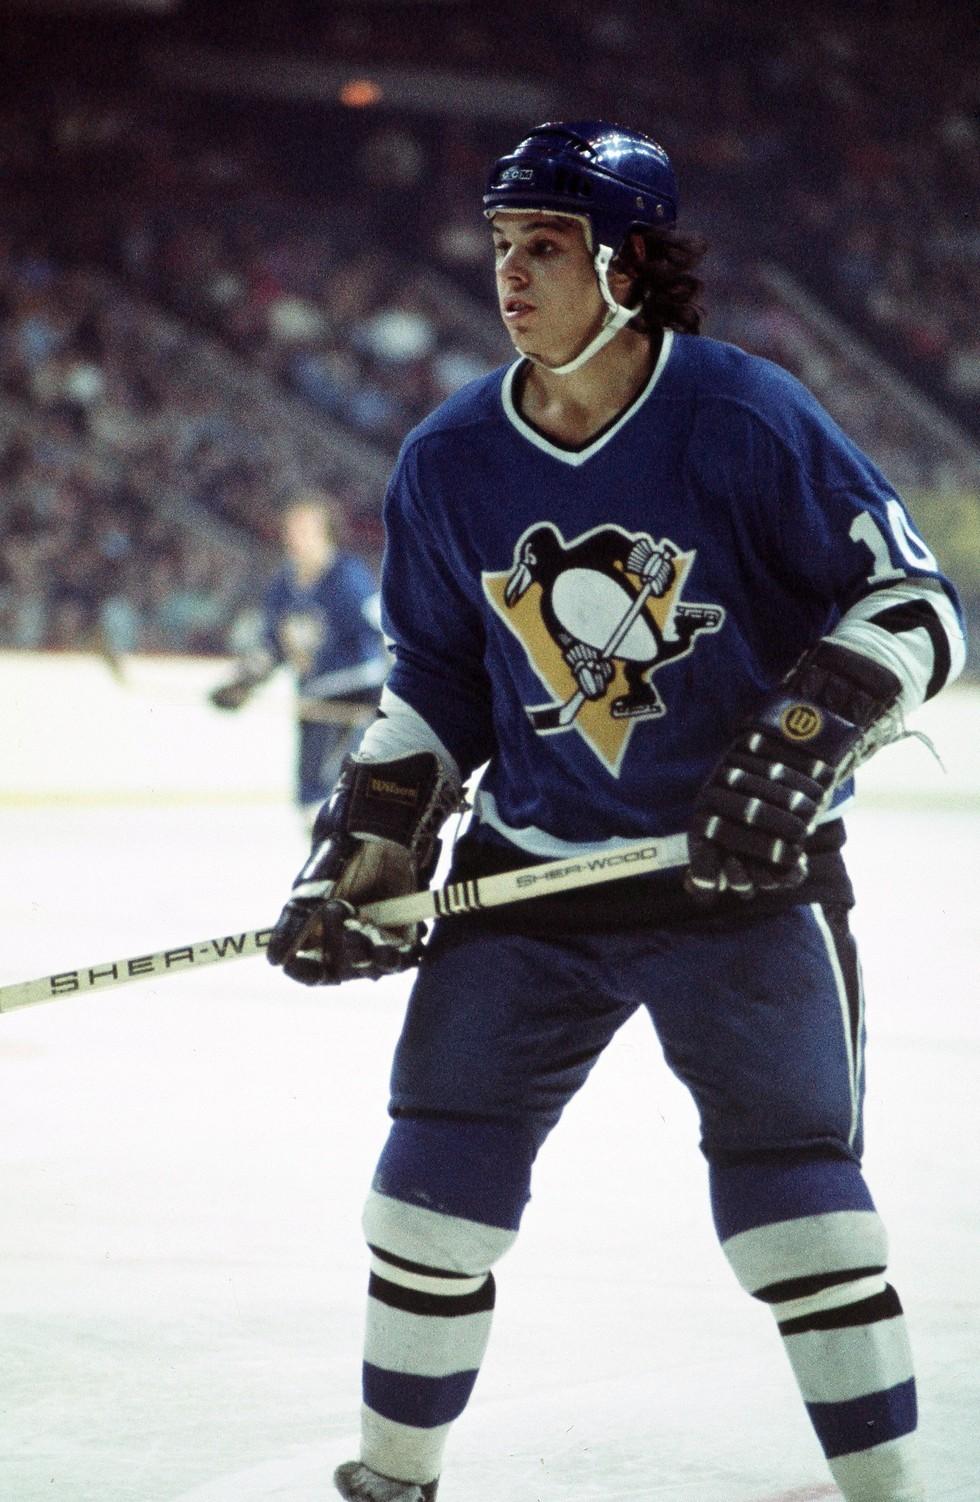 No. 9 Pierre Larouche (Penguins)